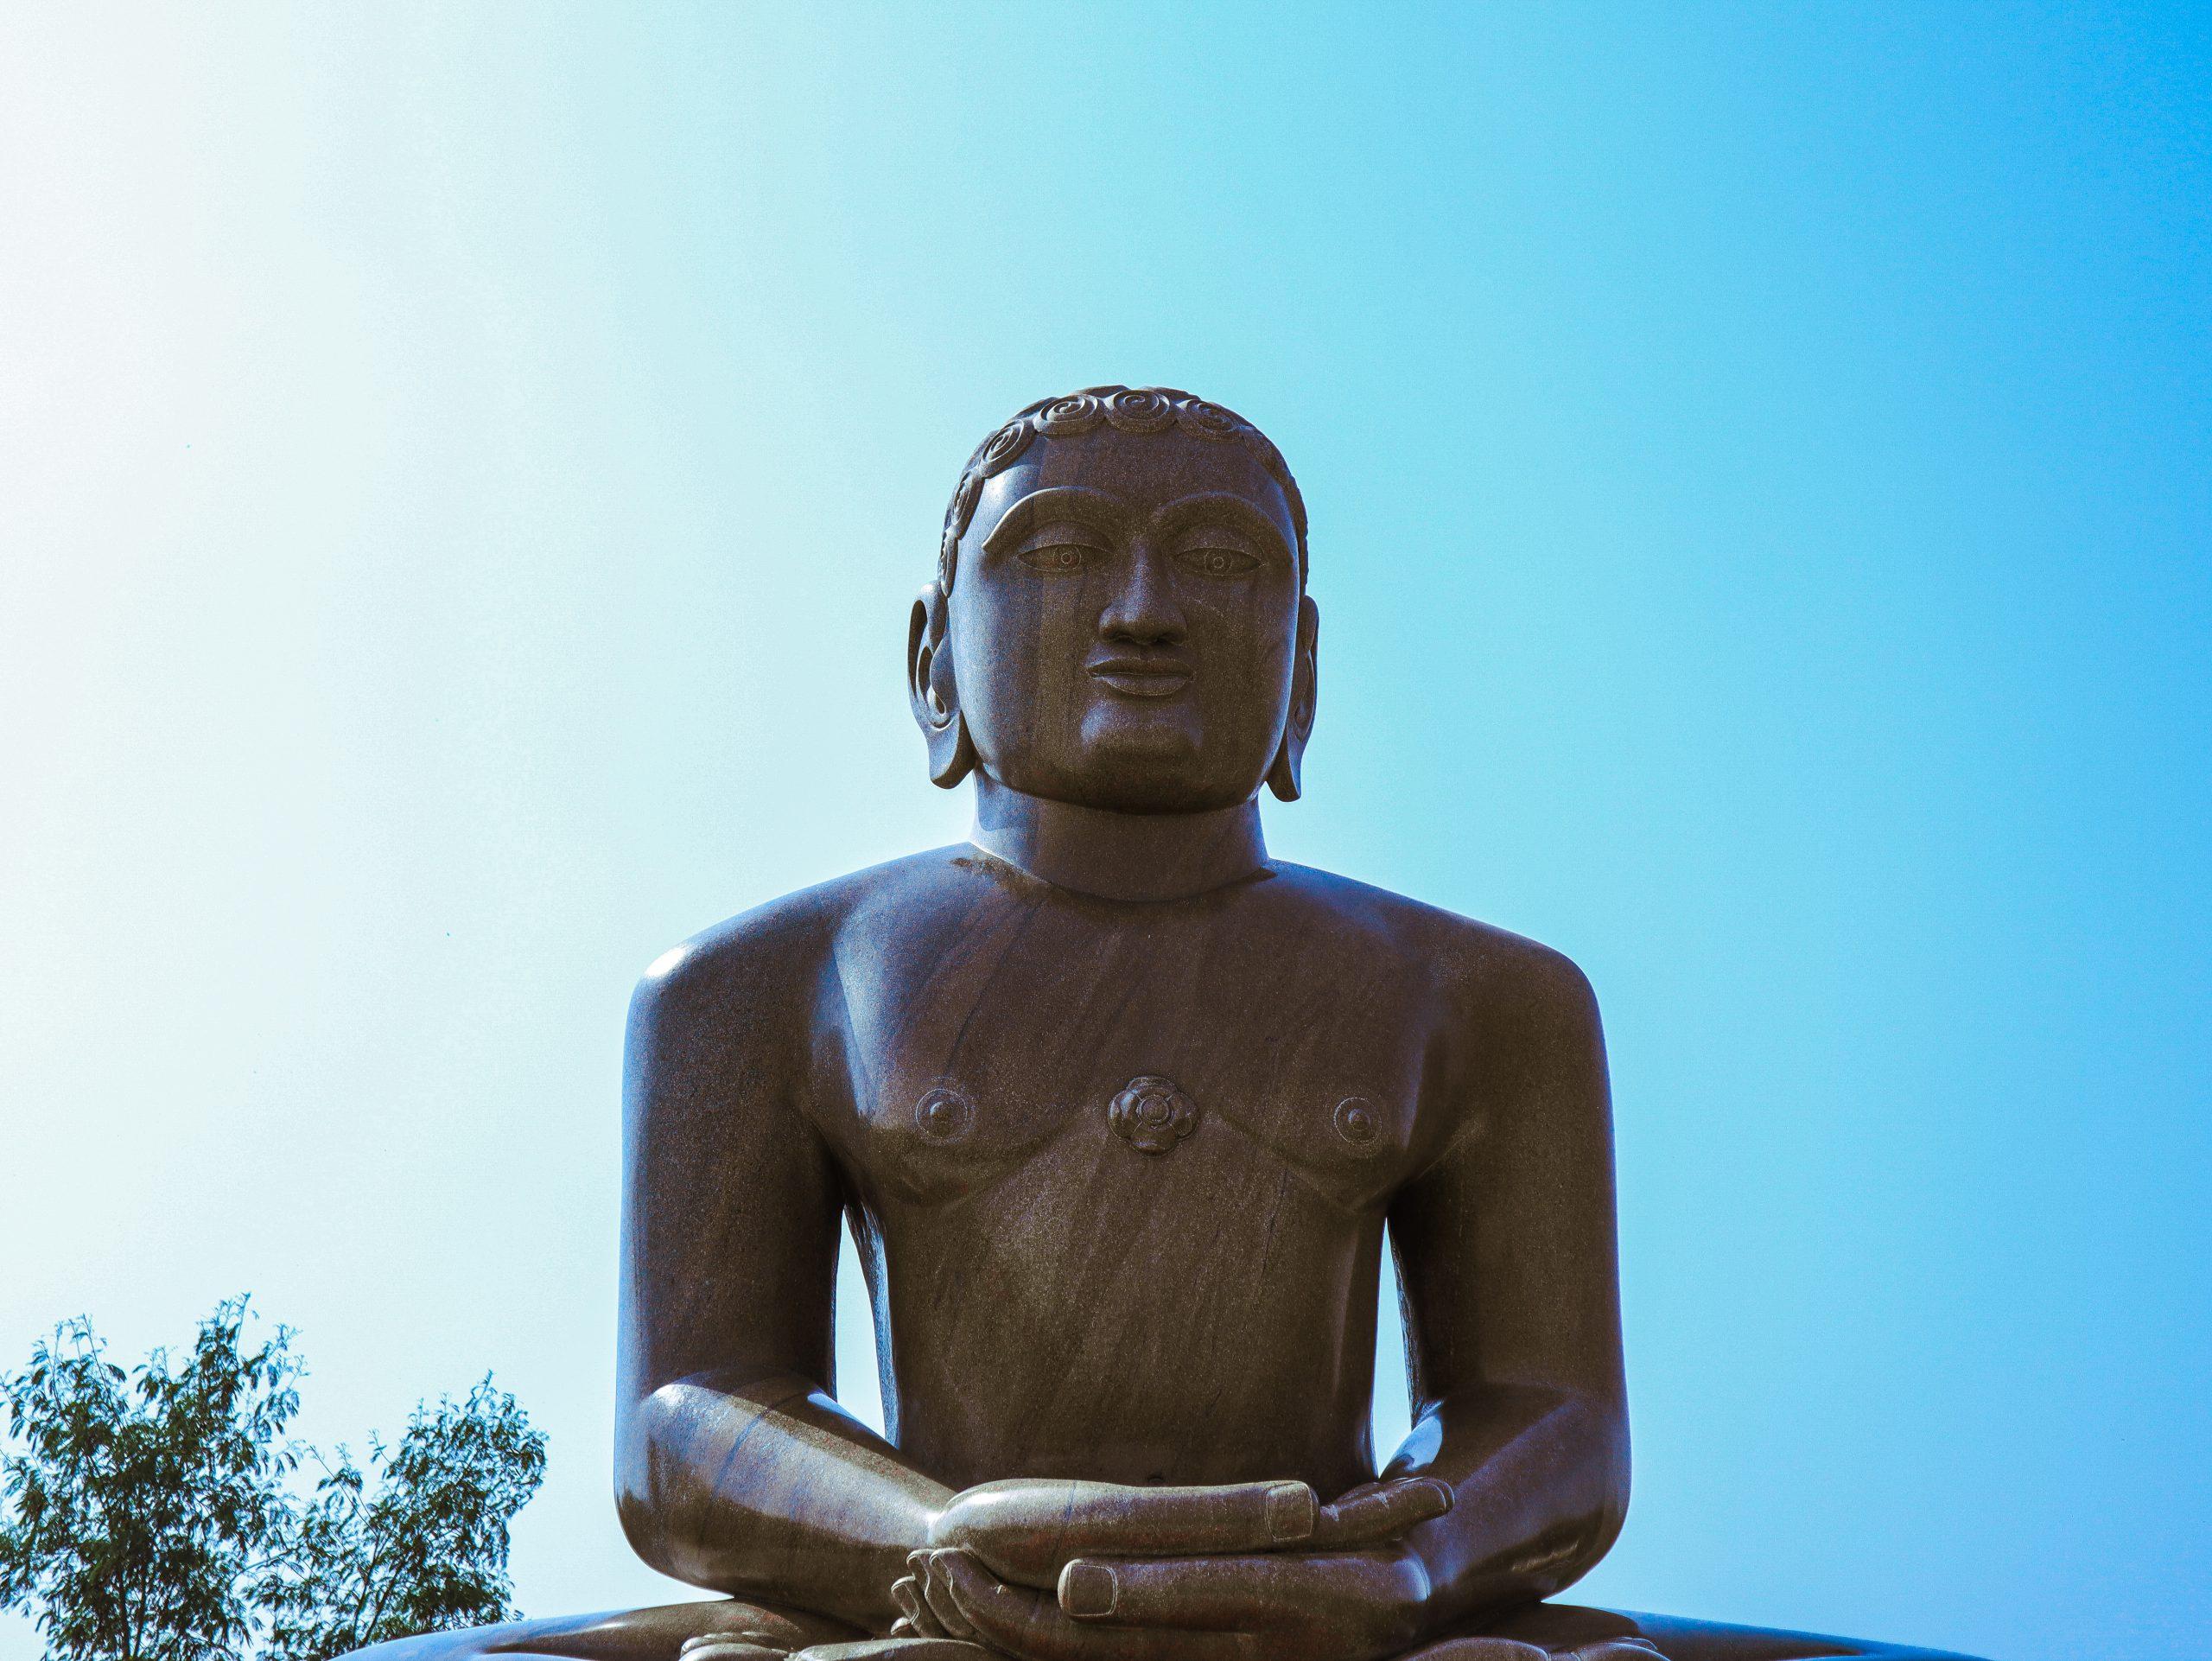 Lord Mahavira statue